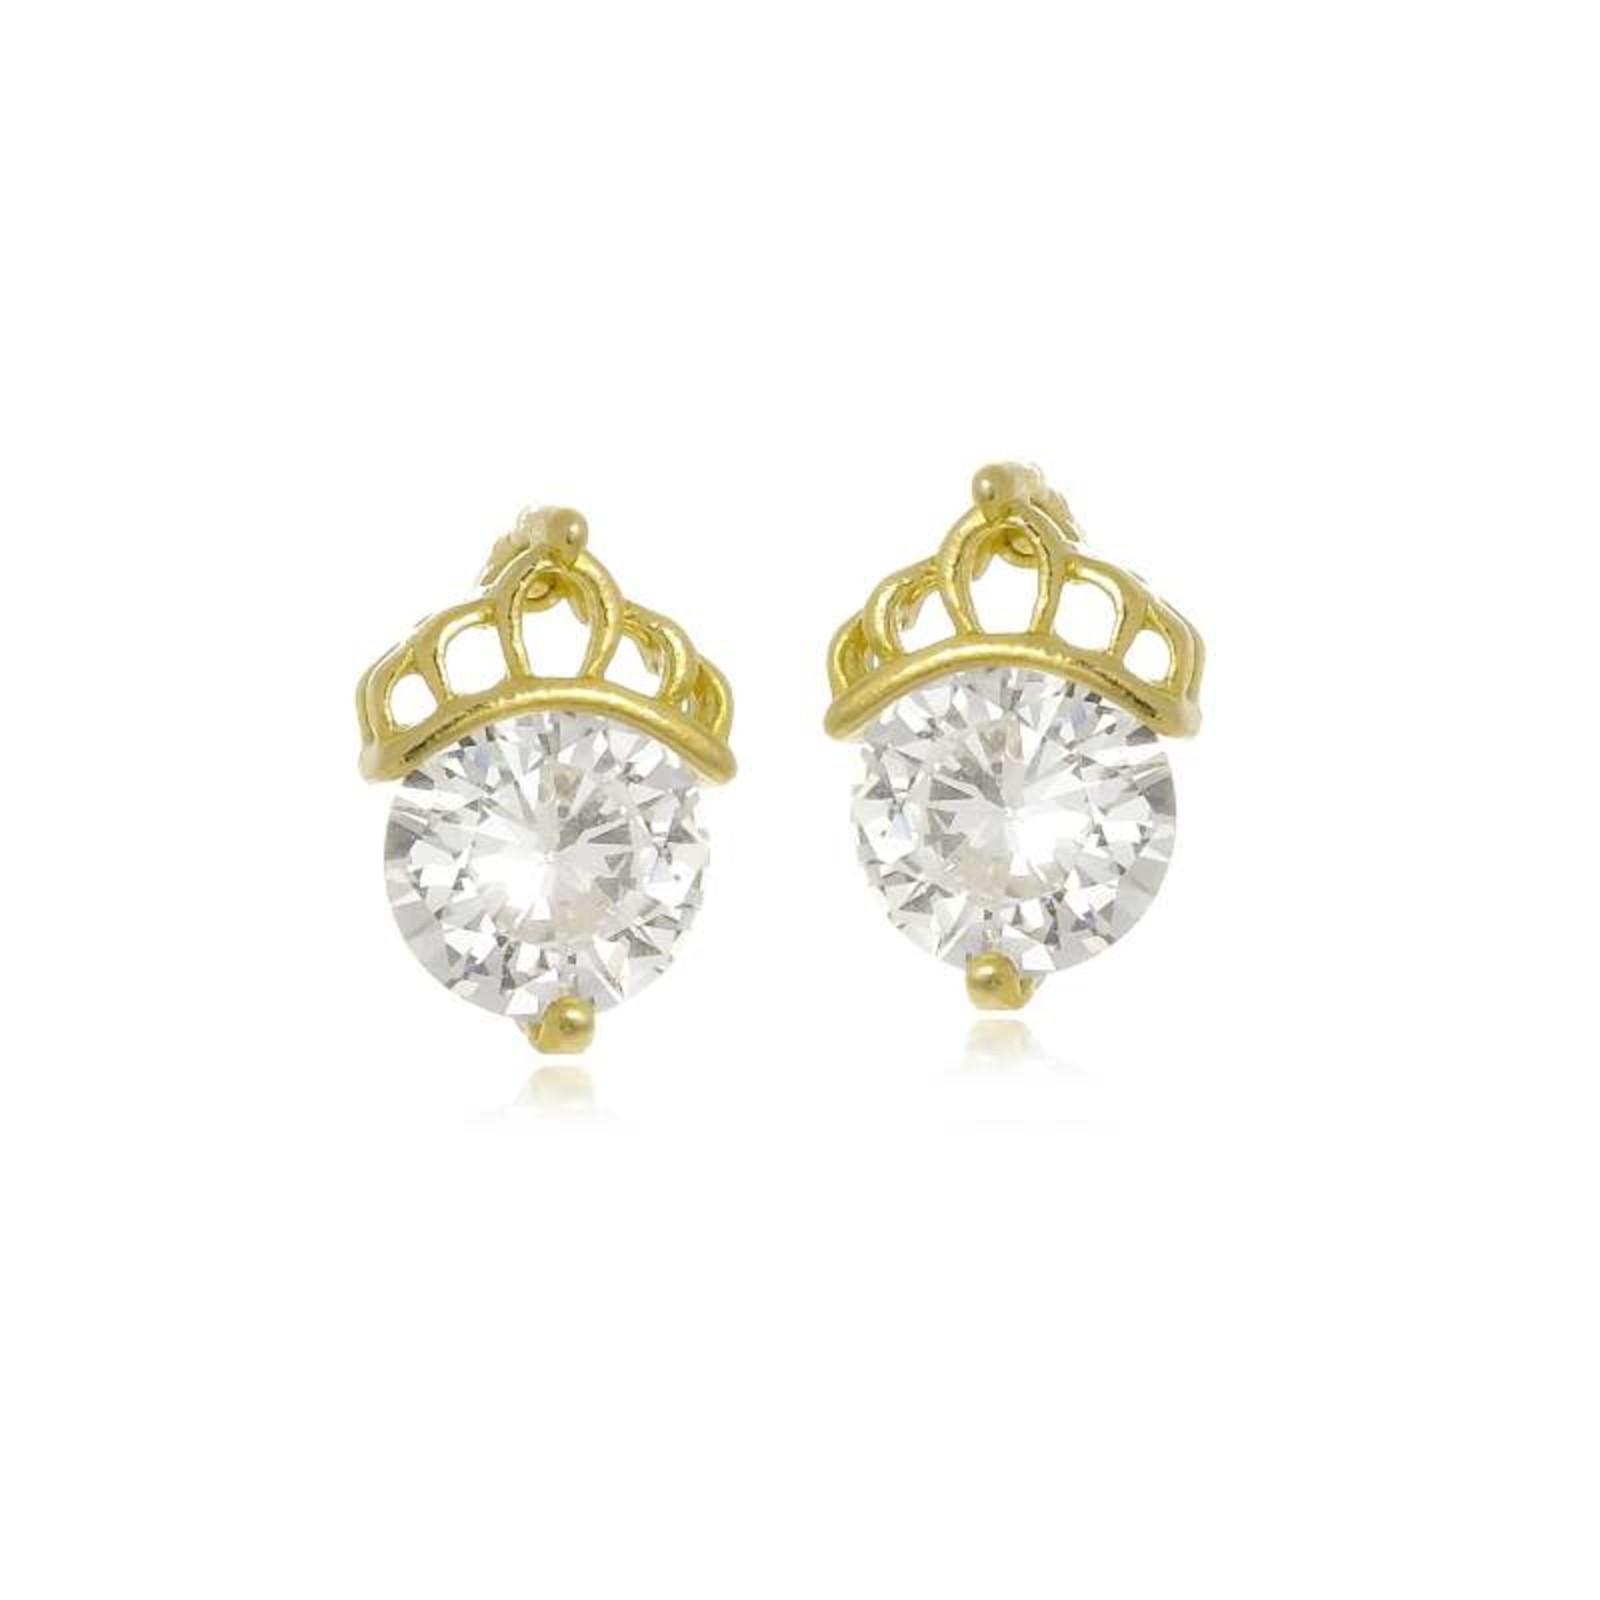 Brinco Le Diamond Coroa de Zircônia Dourado